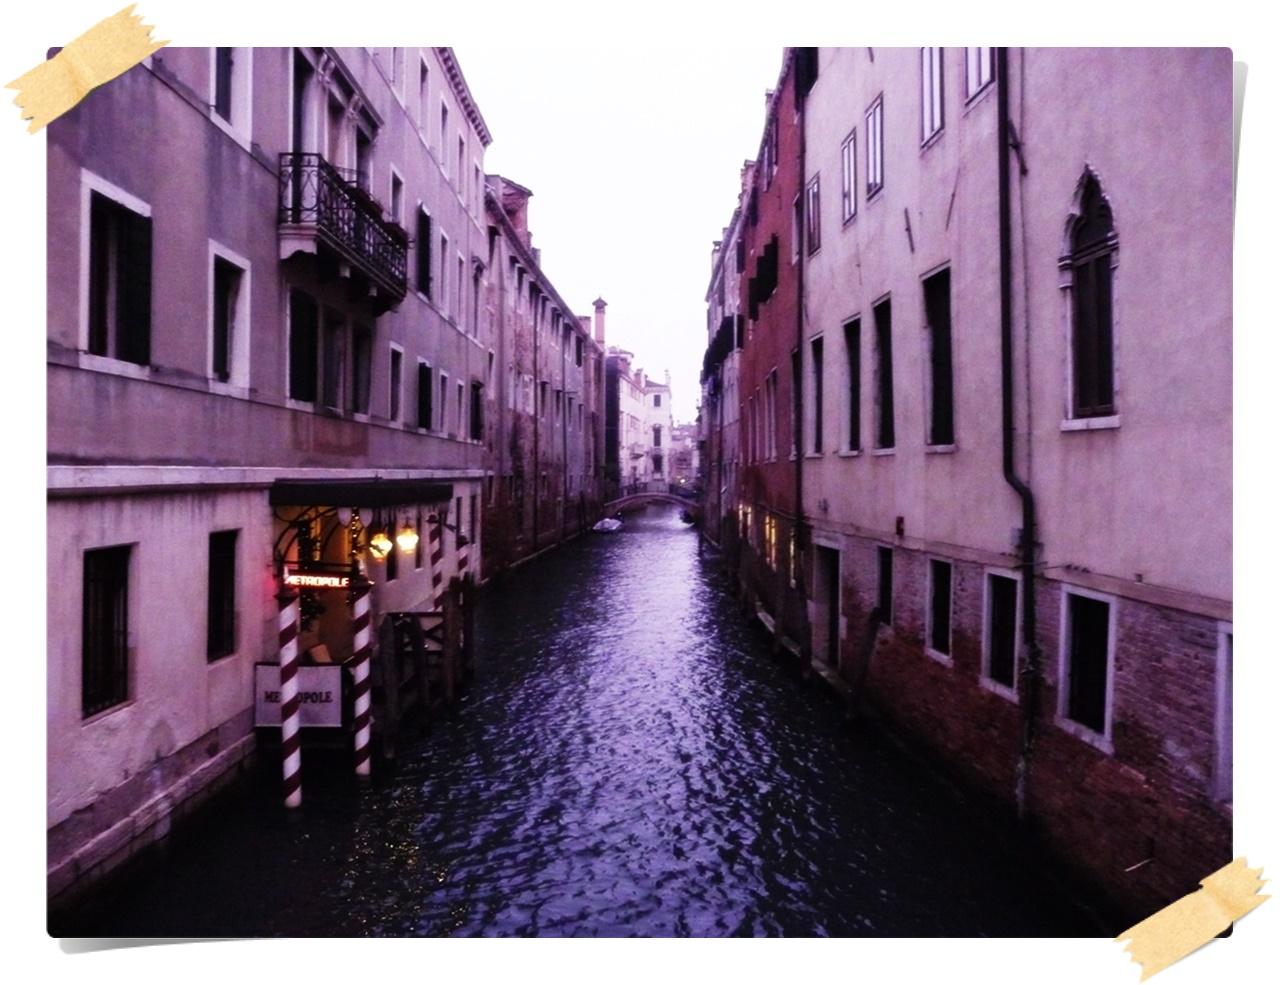 照片回顾 2009/11 意大利 day 9:威尼斯 公交船环岛游